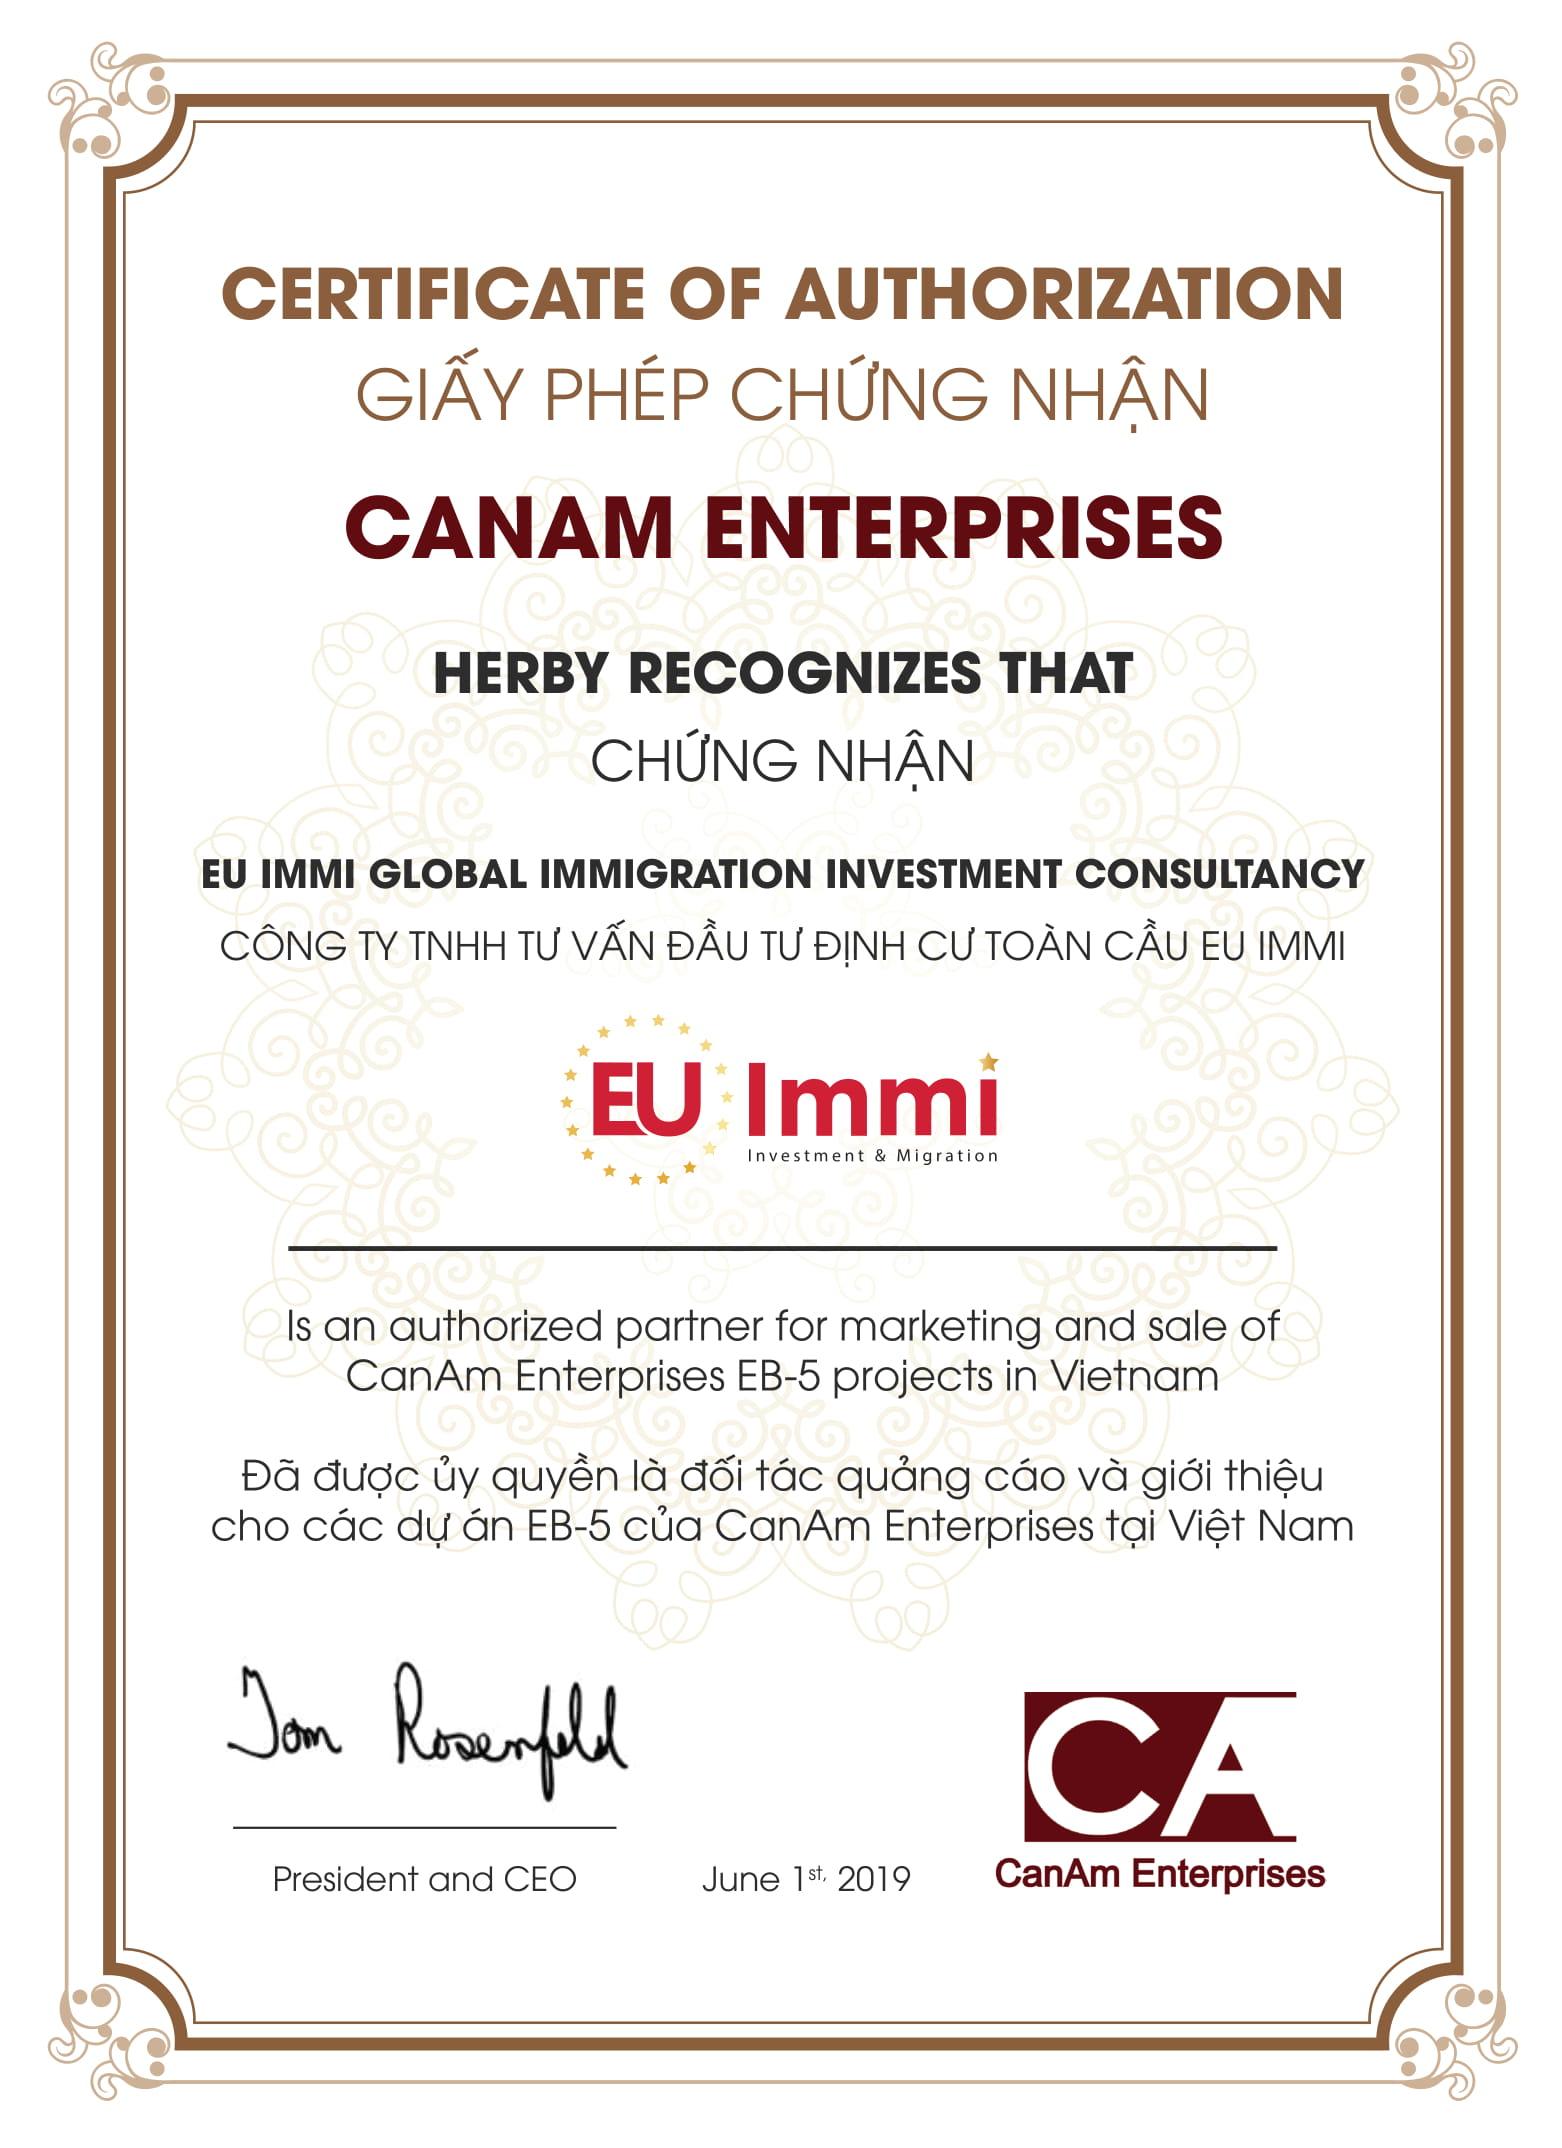 Giấy phép chứng nhận EU Immi là đơn vị giới thiệu và phân phối chính thức các dự án EB-5 của trung tâm vùng CanAm Enterprises